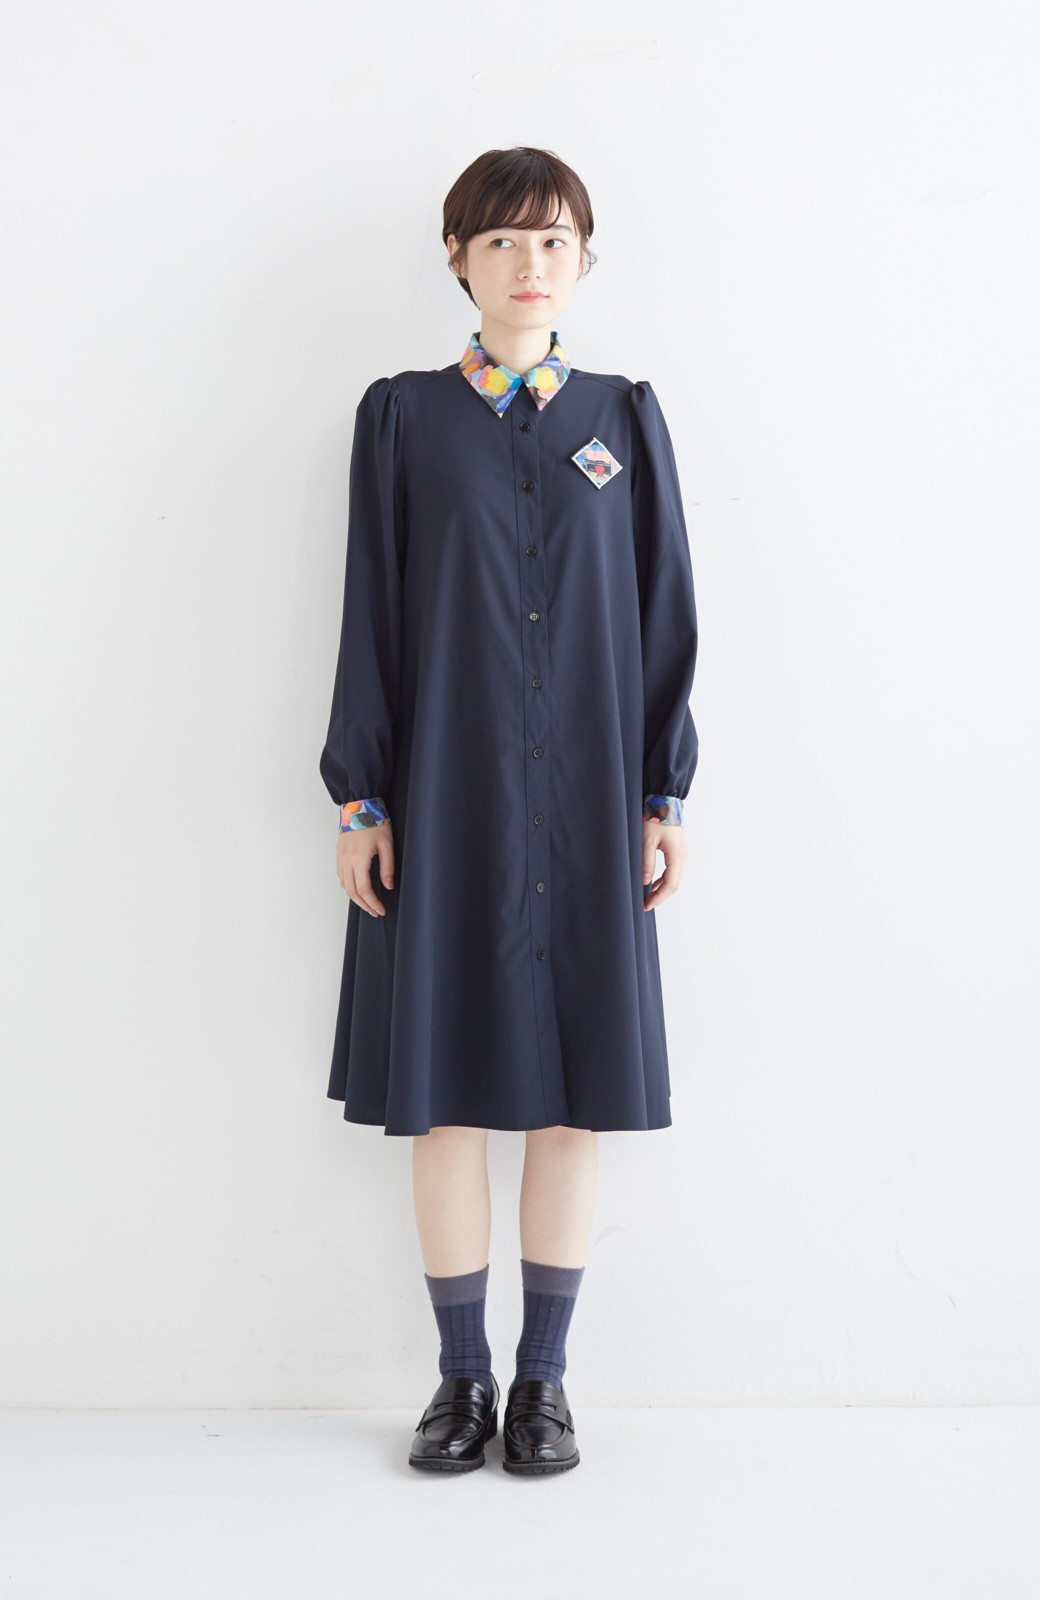 haco! 【再販決定】co&tion×haco. 入谷葉子 おすましワンピースとブローチのセット <ネイビー>の商品写真7